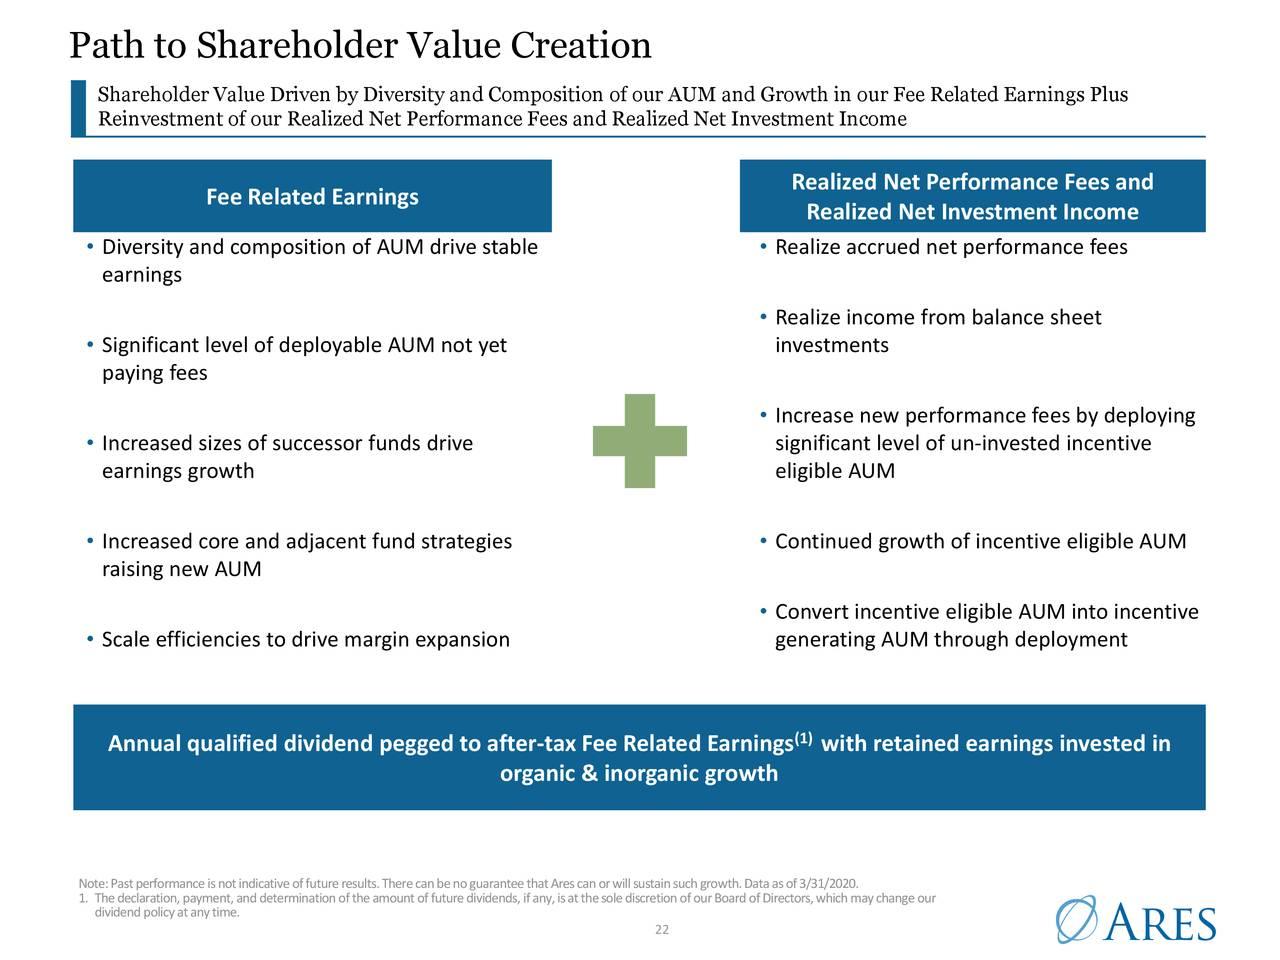 Camino a la creación de valor para el accionista